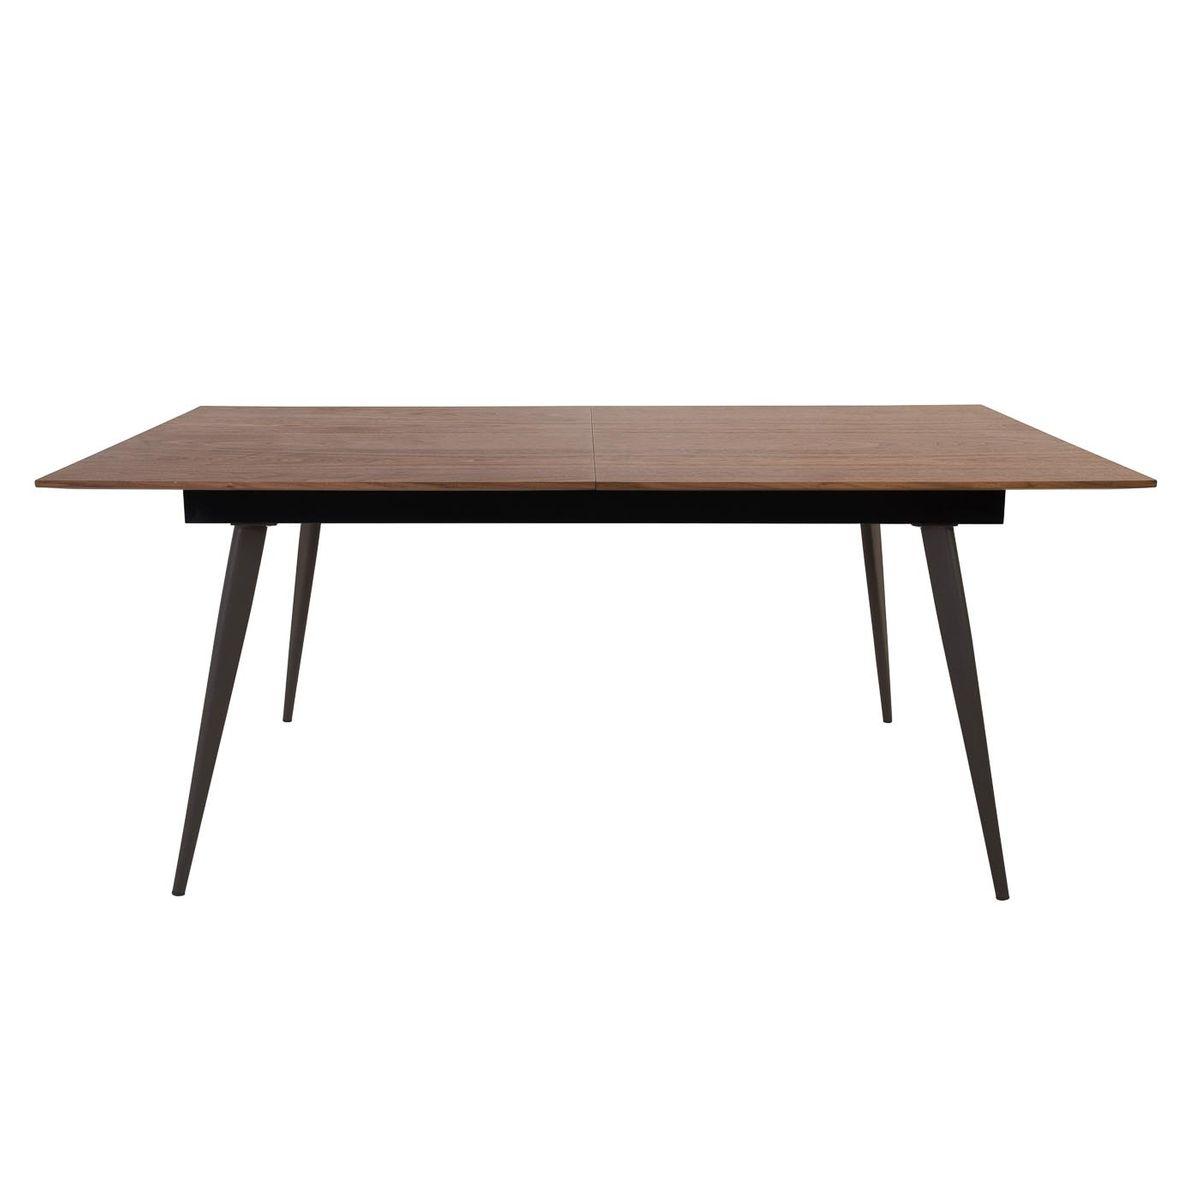 Table extensible noyer plaqué 180 cm + allonge intégrée Abysse